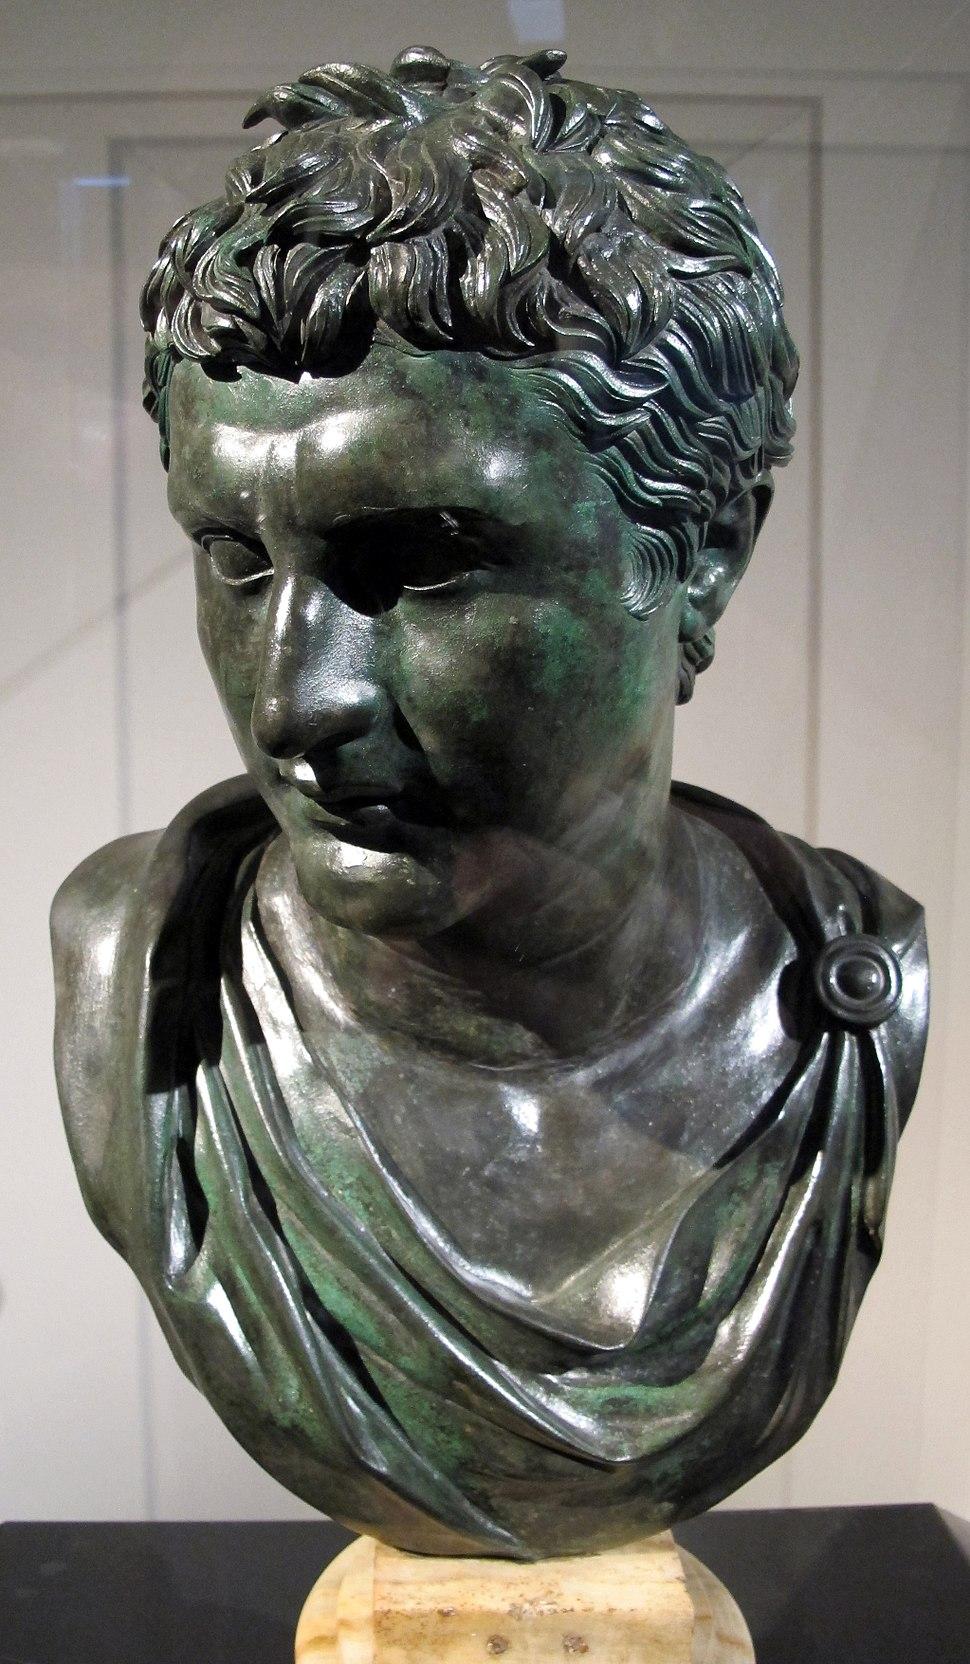 Eumene II, fondatore della biblioteca di pergamo, copia romana (50 dc ca) da orig,. ellenistico su busto moderno, MANN 02